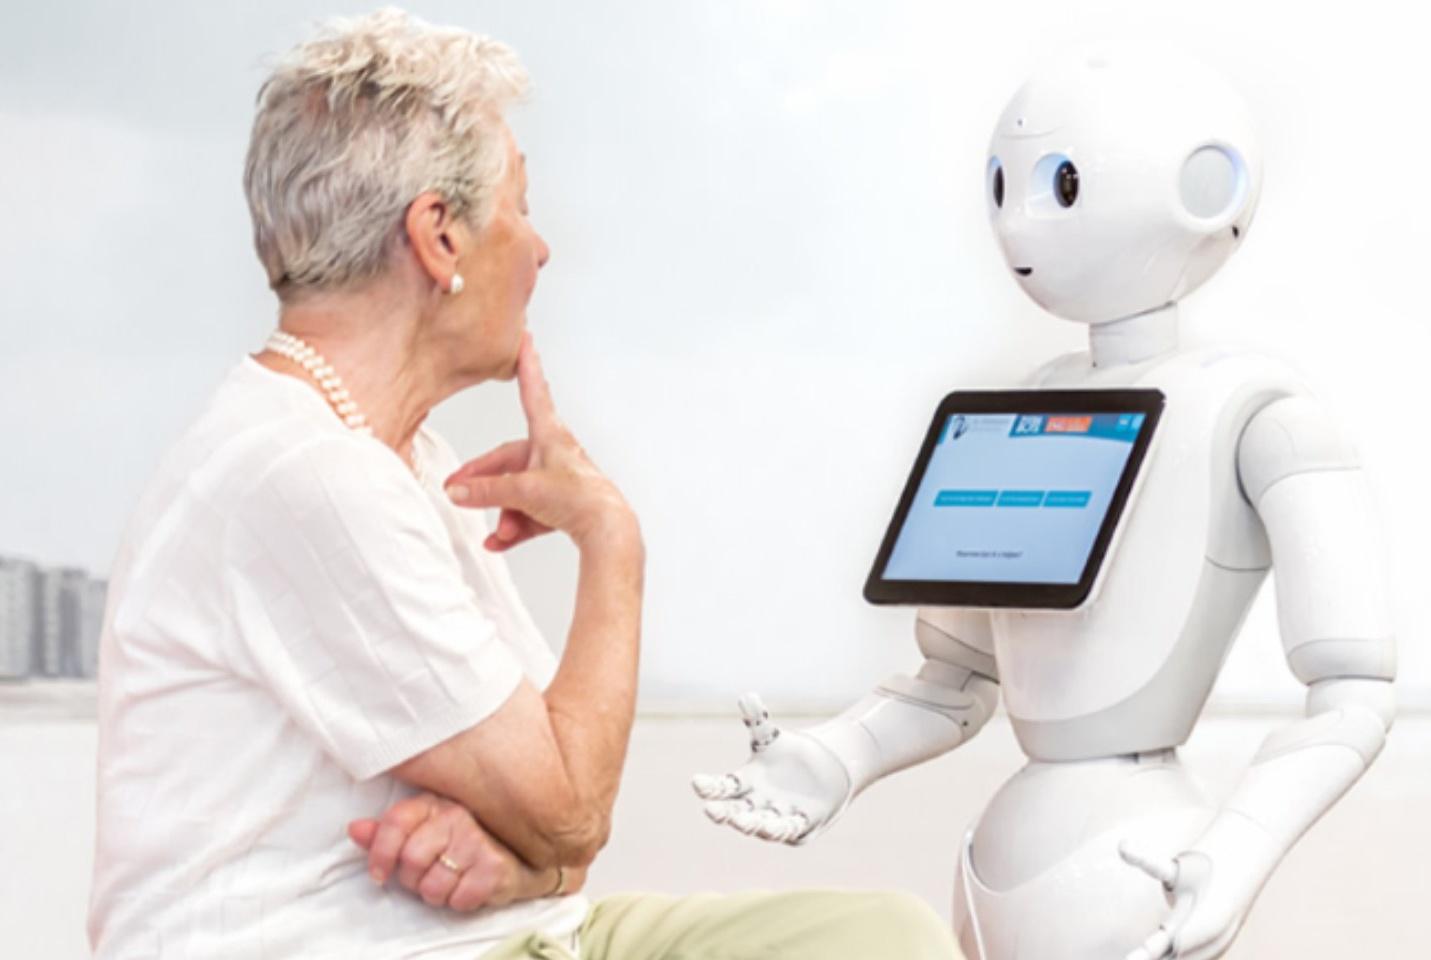 Robot health care zorabot.jpg